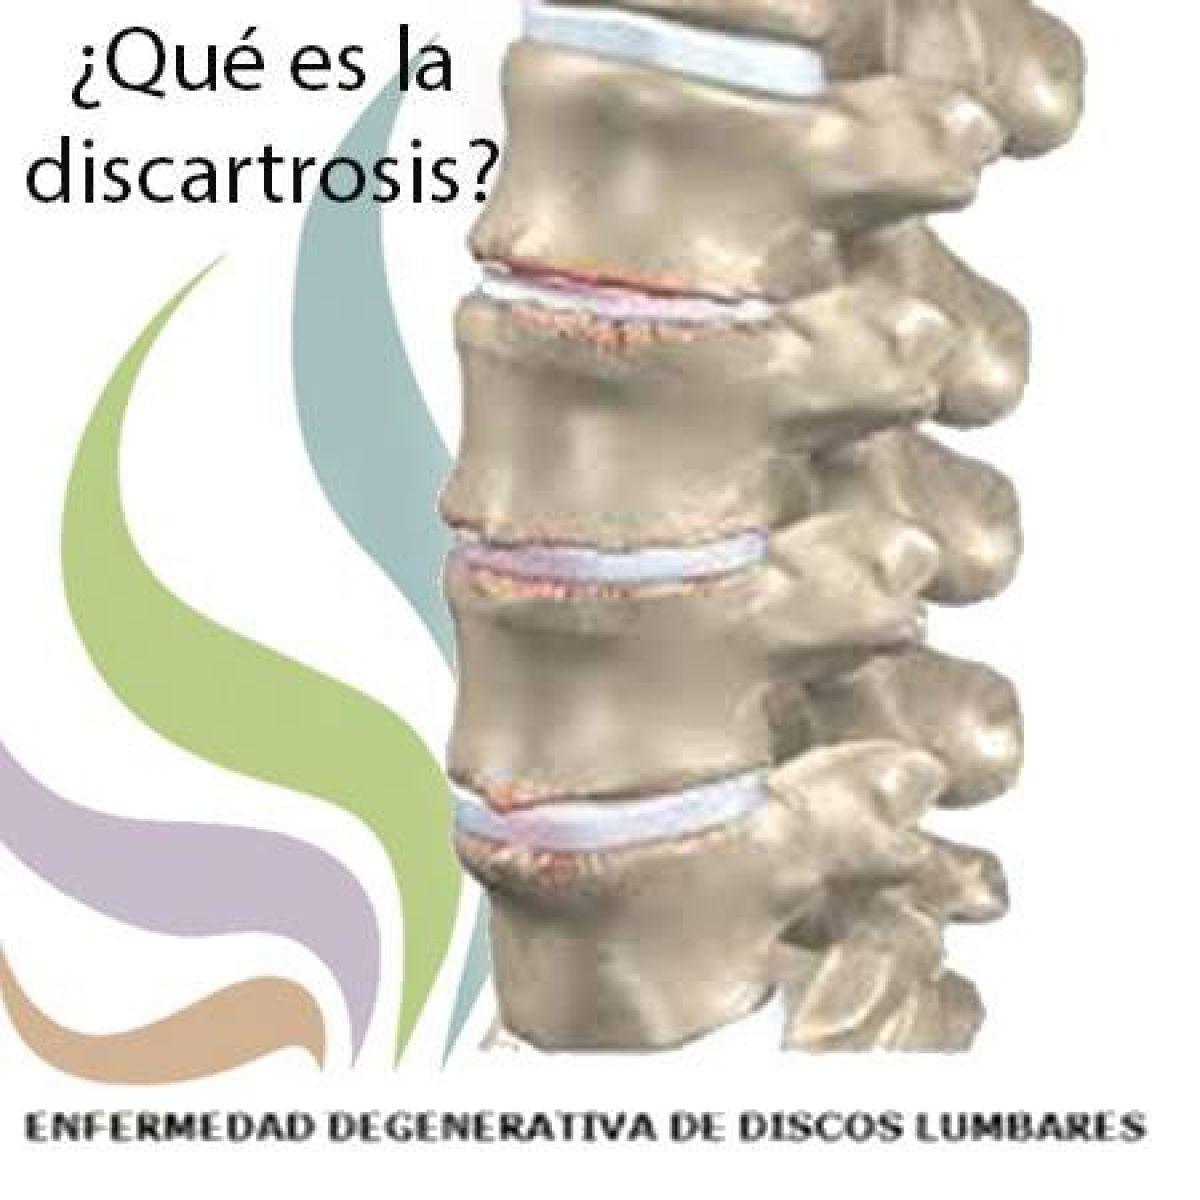 Una muy interesante información sobre qué es la discartrosis y cuáles son sus consecuencias